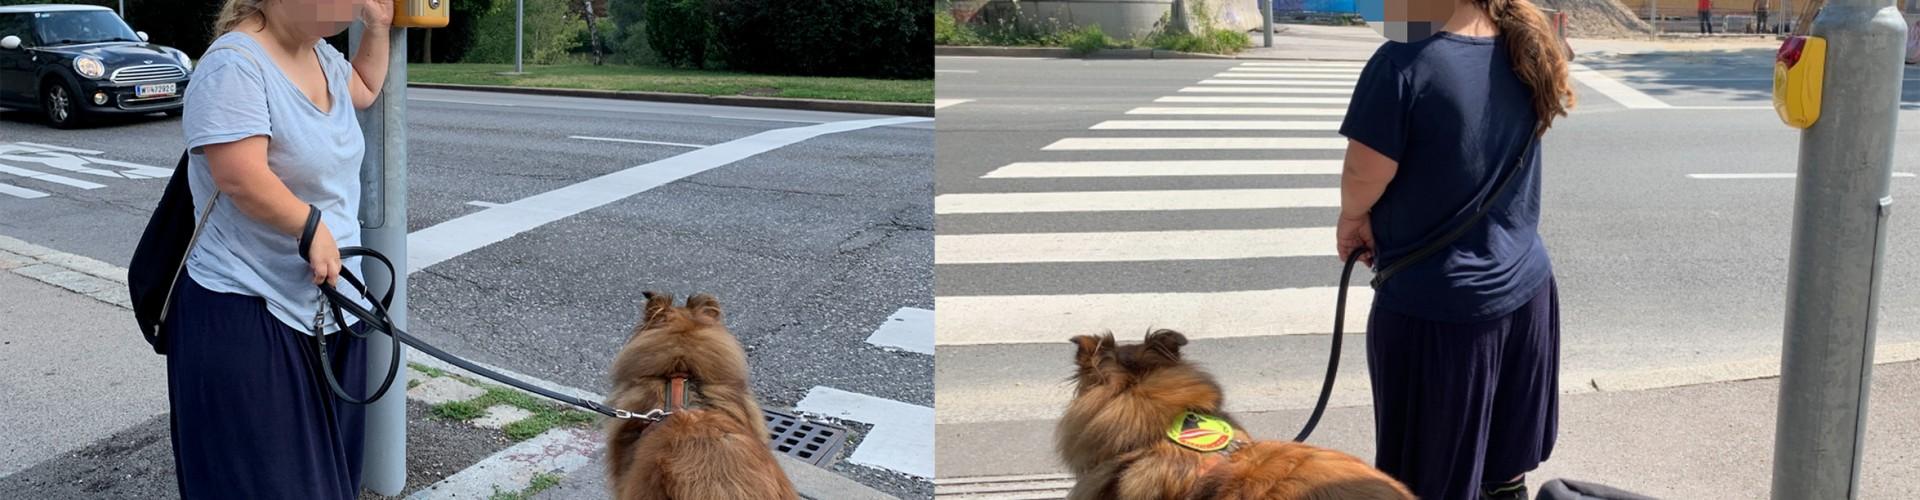 2 Bildhälften, links Wien, eine kleinwüchsige Frau mit einem braunen Hund steht neben einem Ruftaster für eine Ampel. Der Knopf ist über ihrem Kopf. Rechts, die selbe Frau neben einem Rufknopf einer Ampel in Salzburg. Hier ist der Rufknopf in ihrer Schulterhöhe und sie kann ihn leicht erreichen